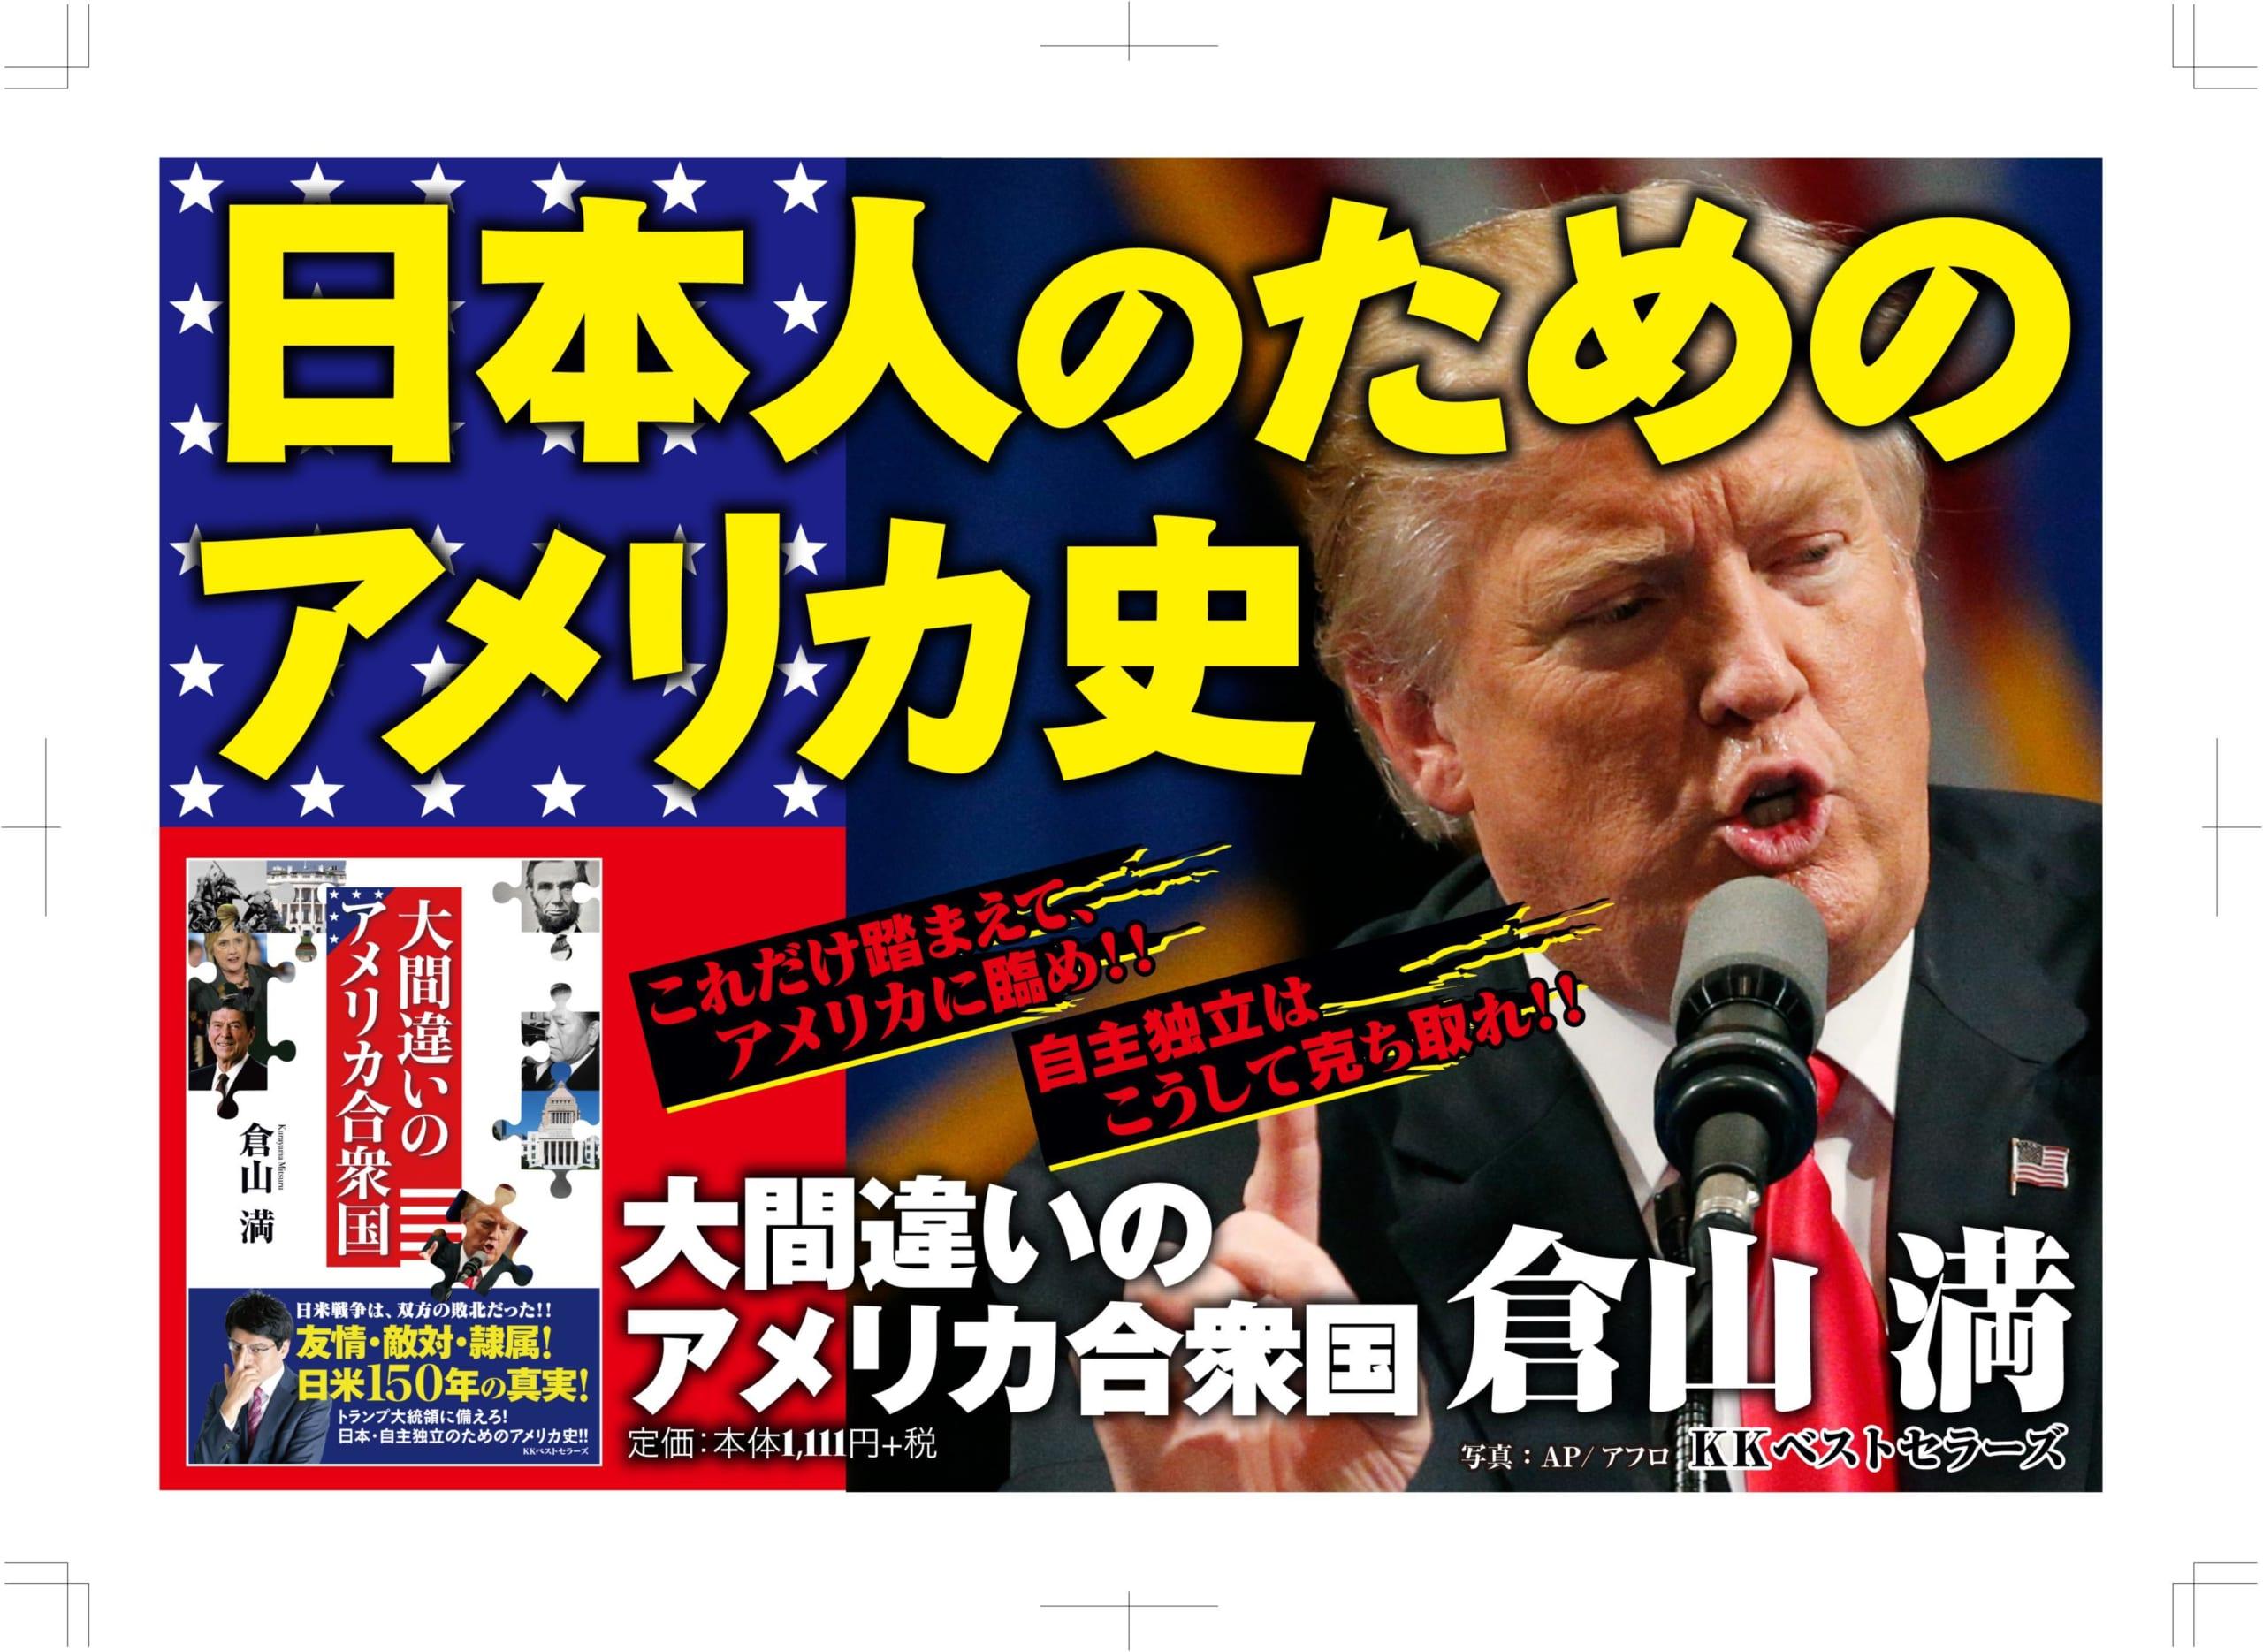 倉山満『大間違いのアメリカ合衆国』刊行記念スペシャル動画本日18時配信